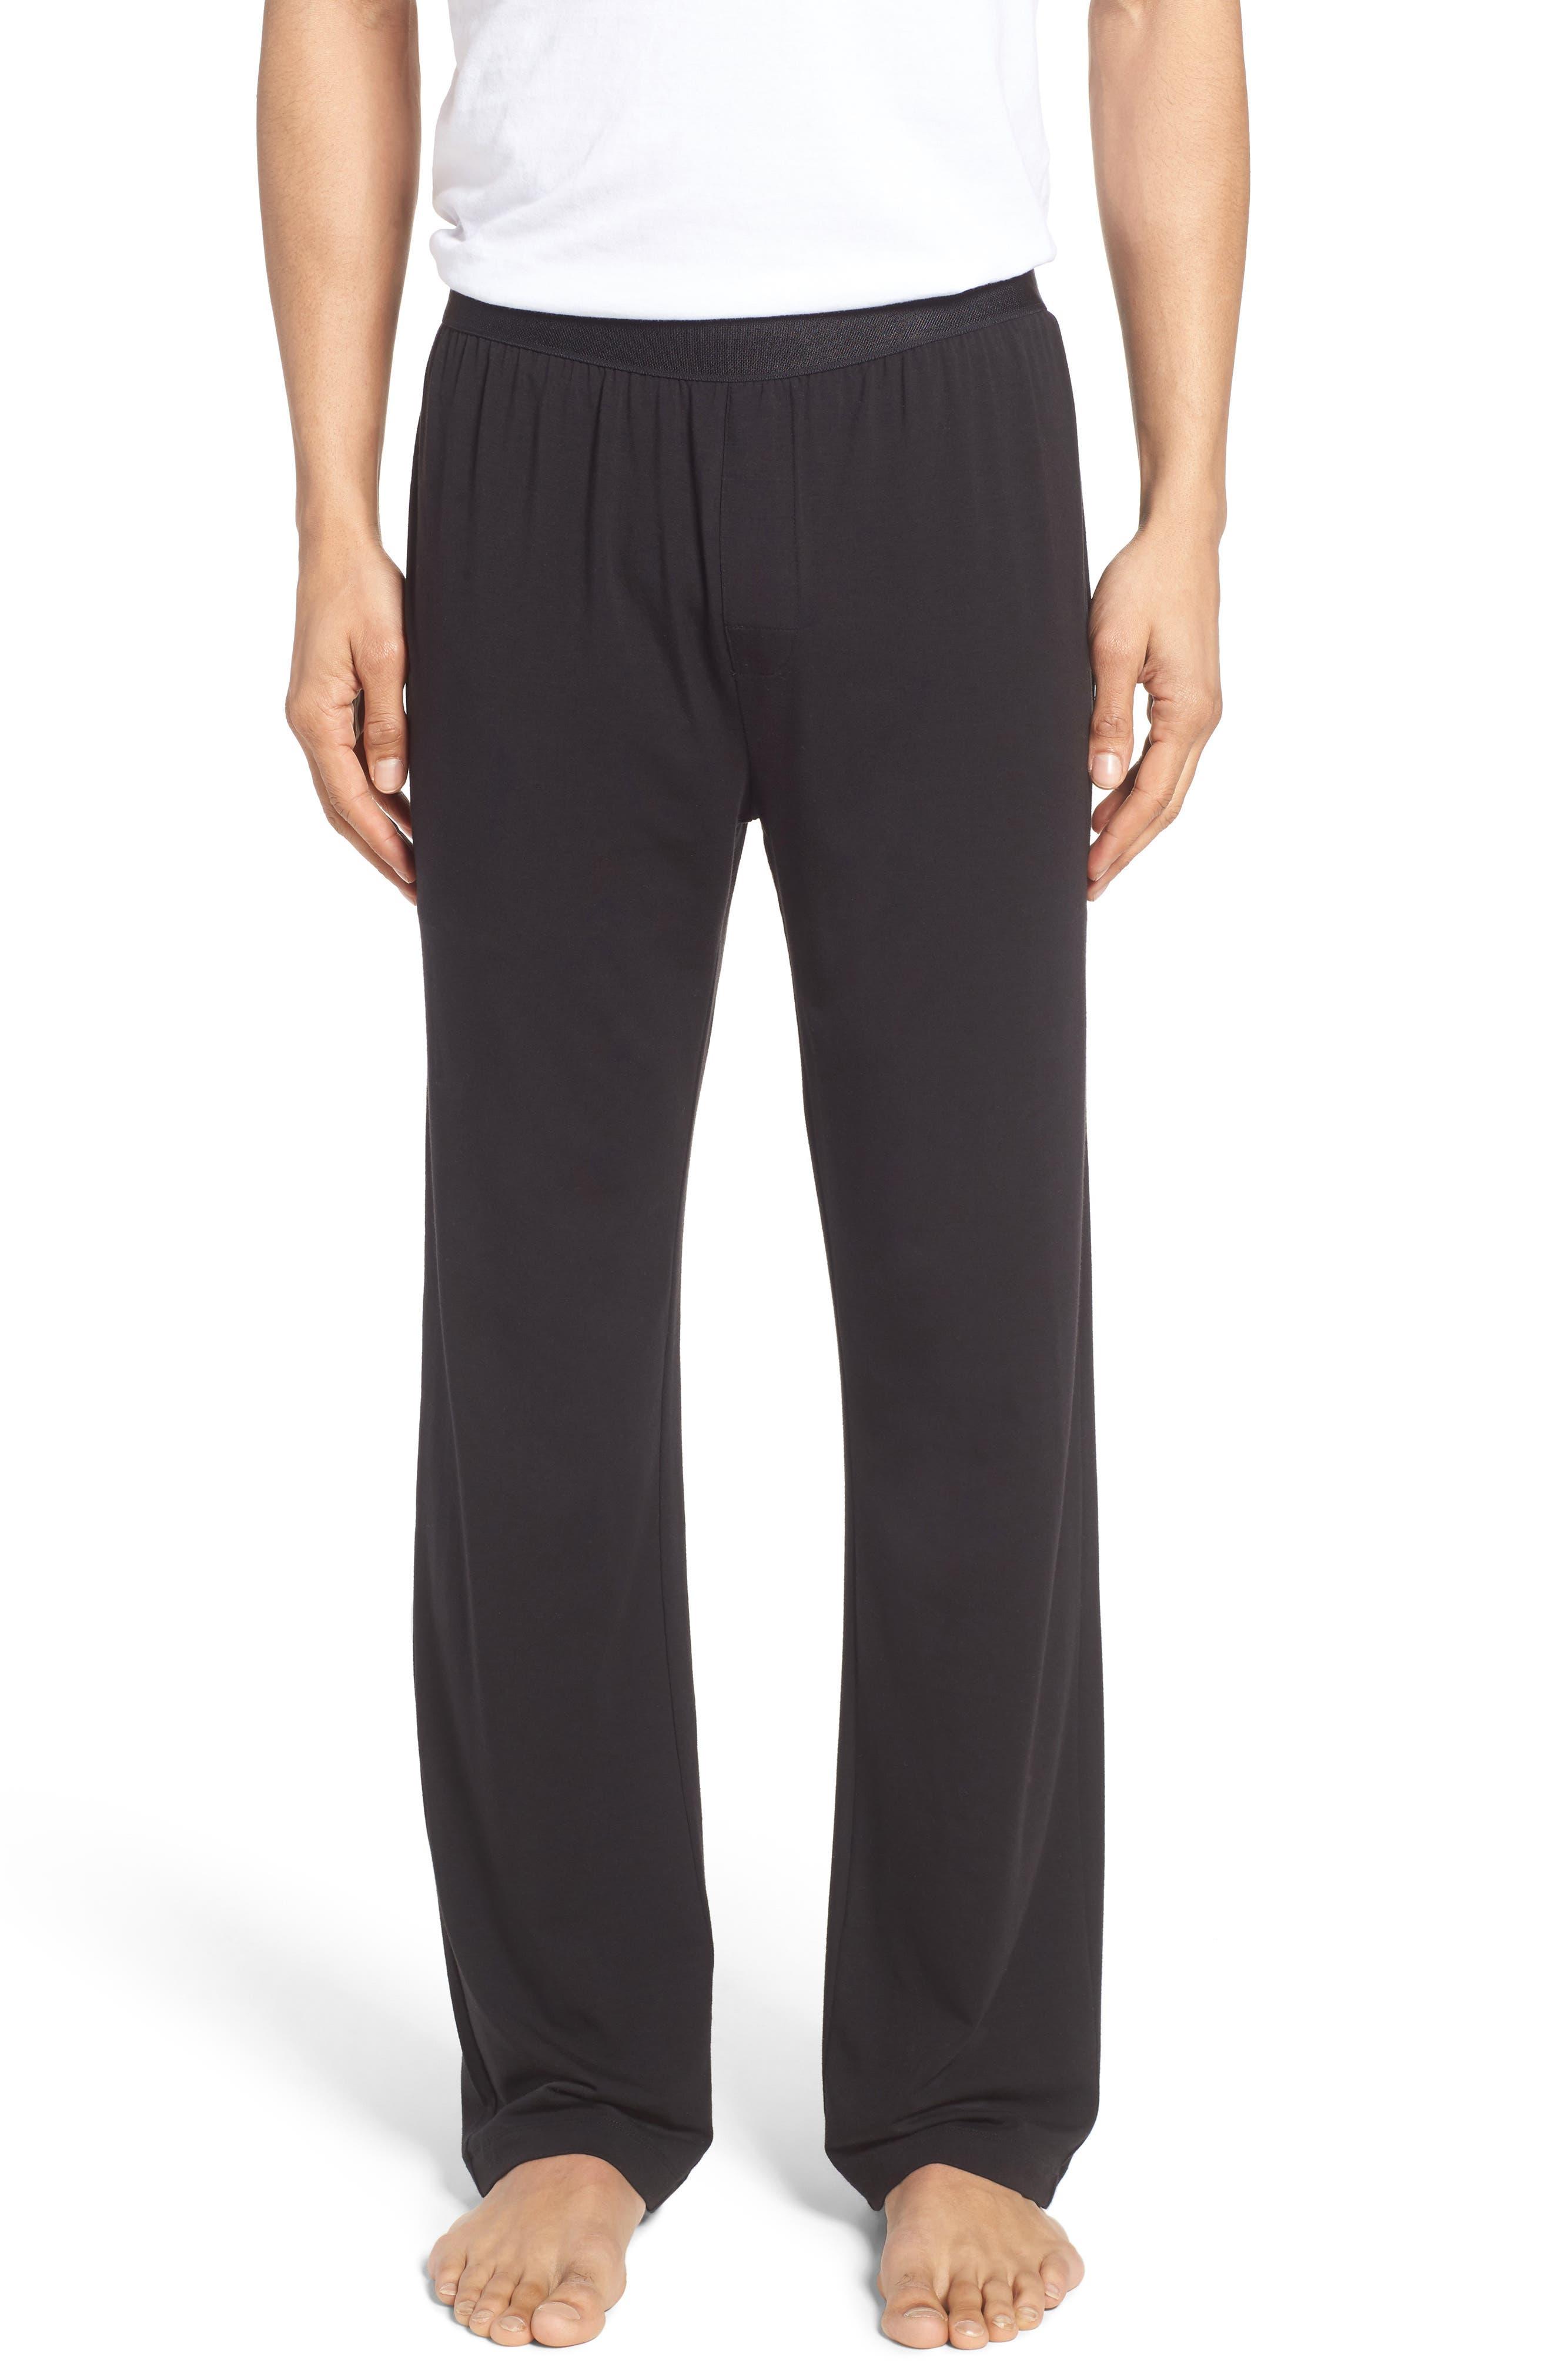 Nordstrom Men's Shop Micromodal Blend Lounge Pants